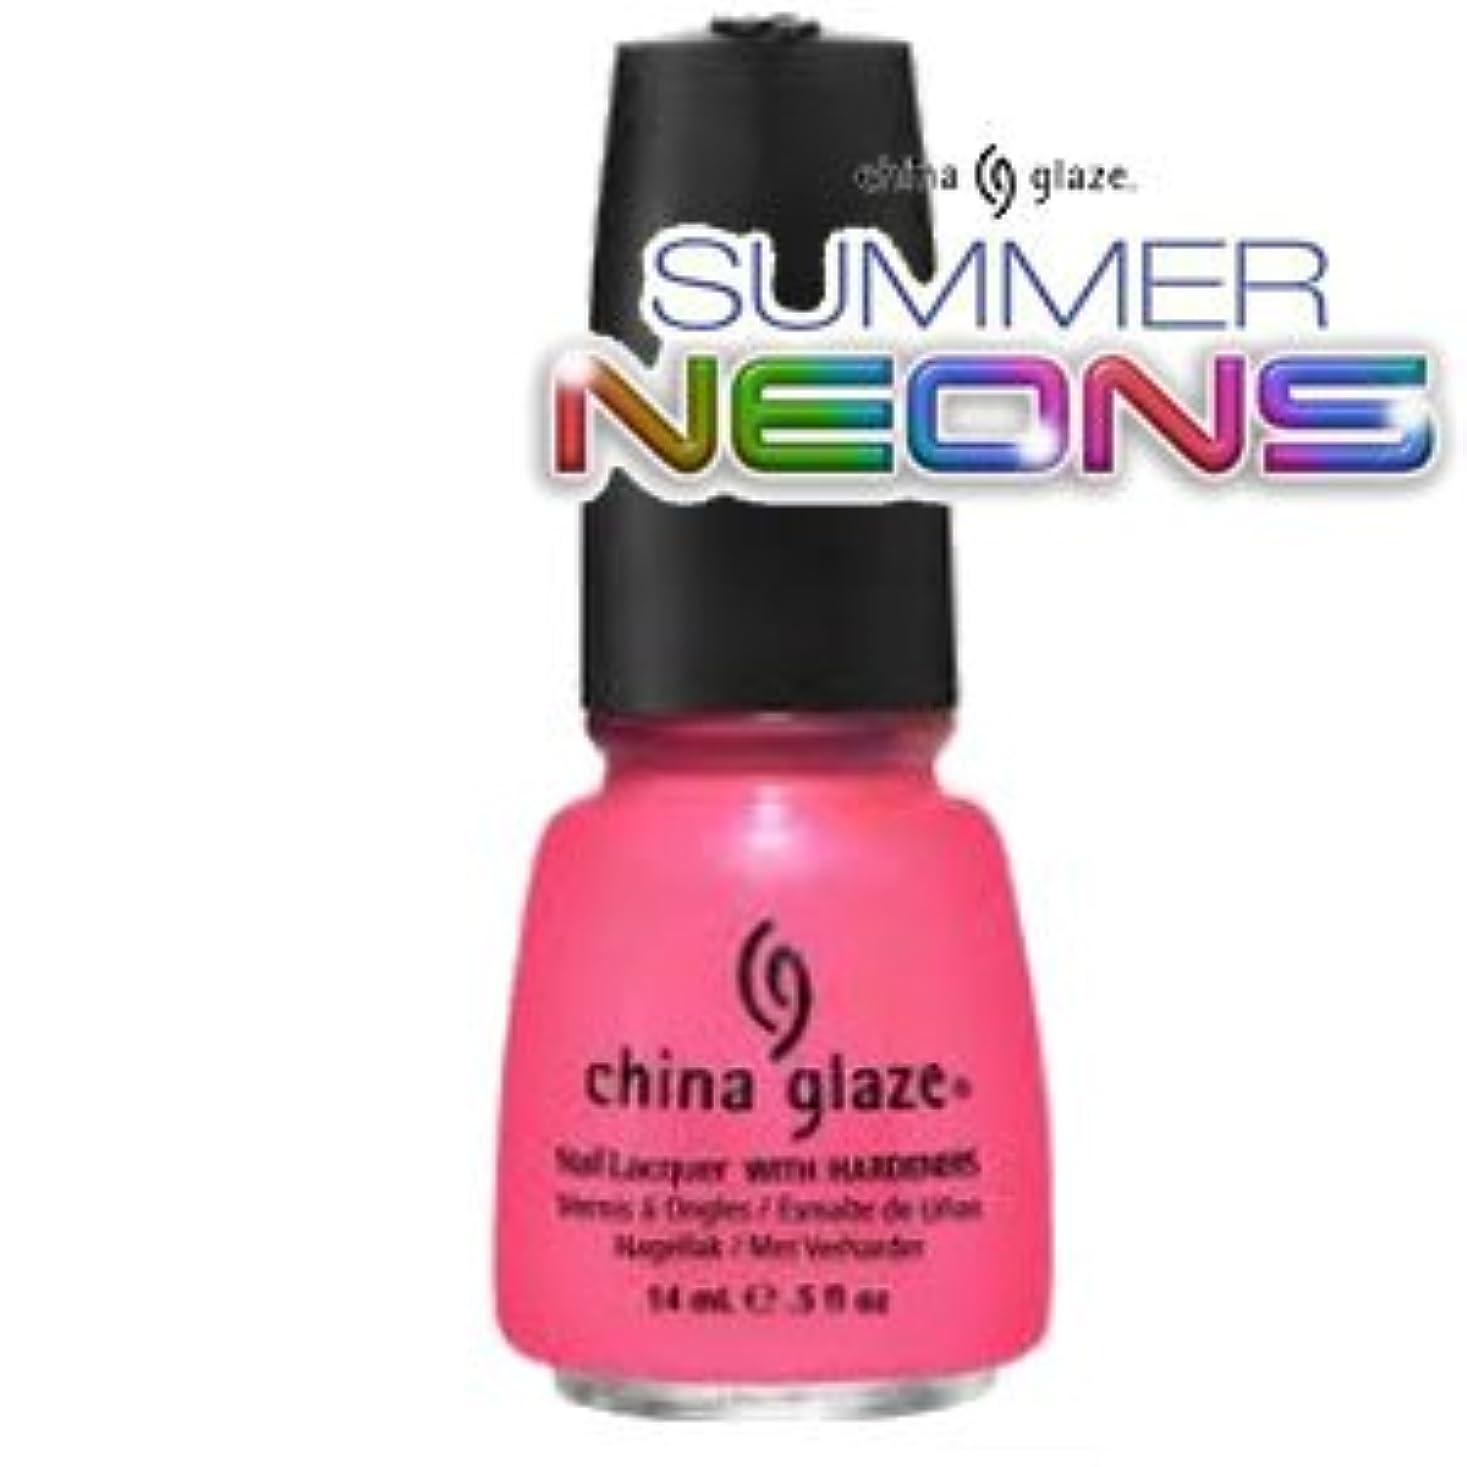 ひそかにパット部分的(チャイナグレイズ)China Glaze Pink Plumeriaーサマーネオン コレクション [海外直送品][並行輸入品]